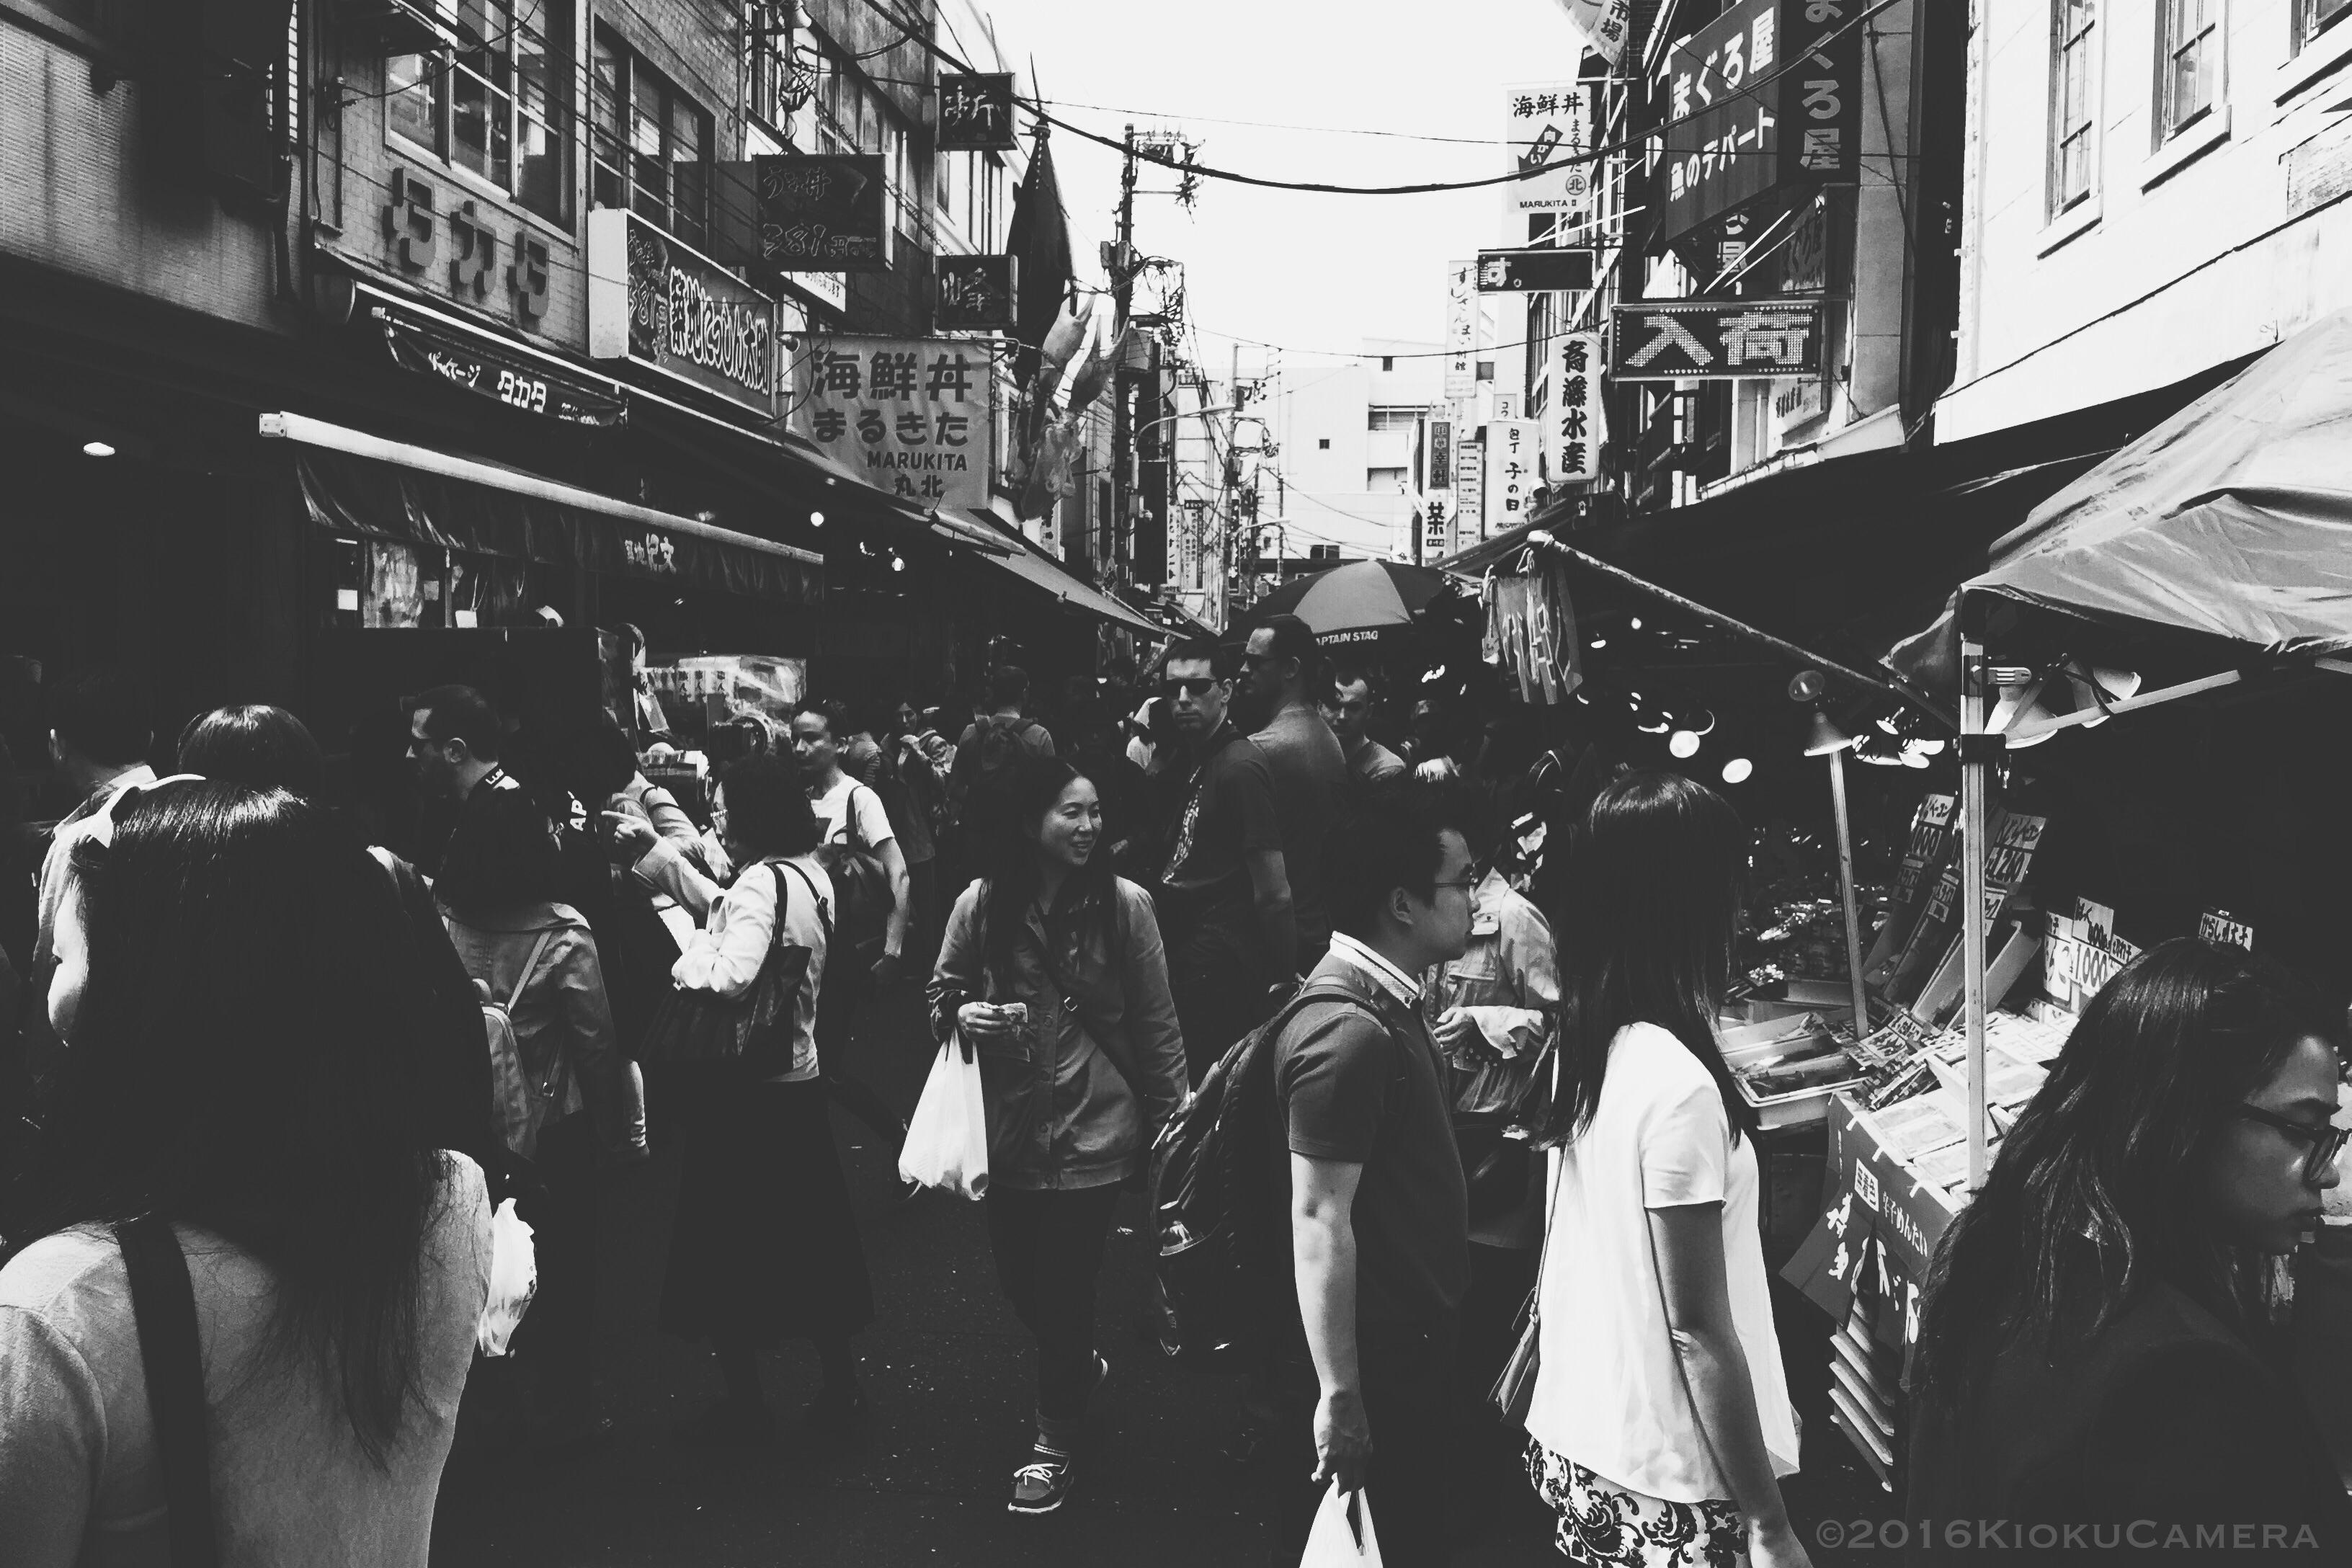 iPhoneを持って昭和に行きたい。